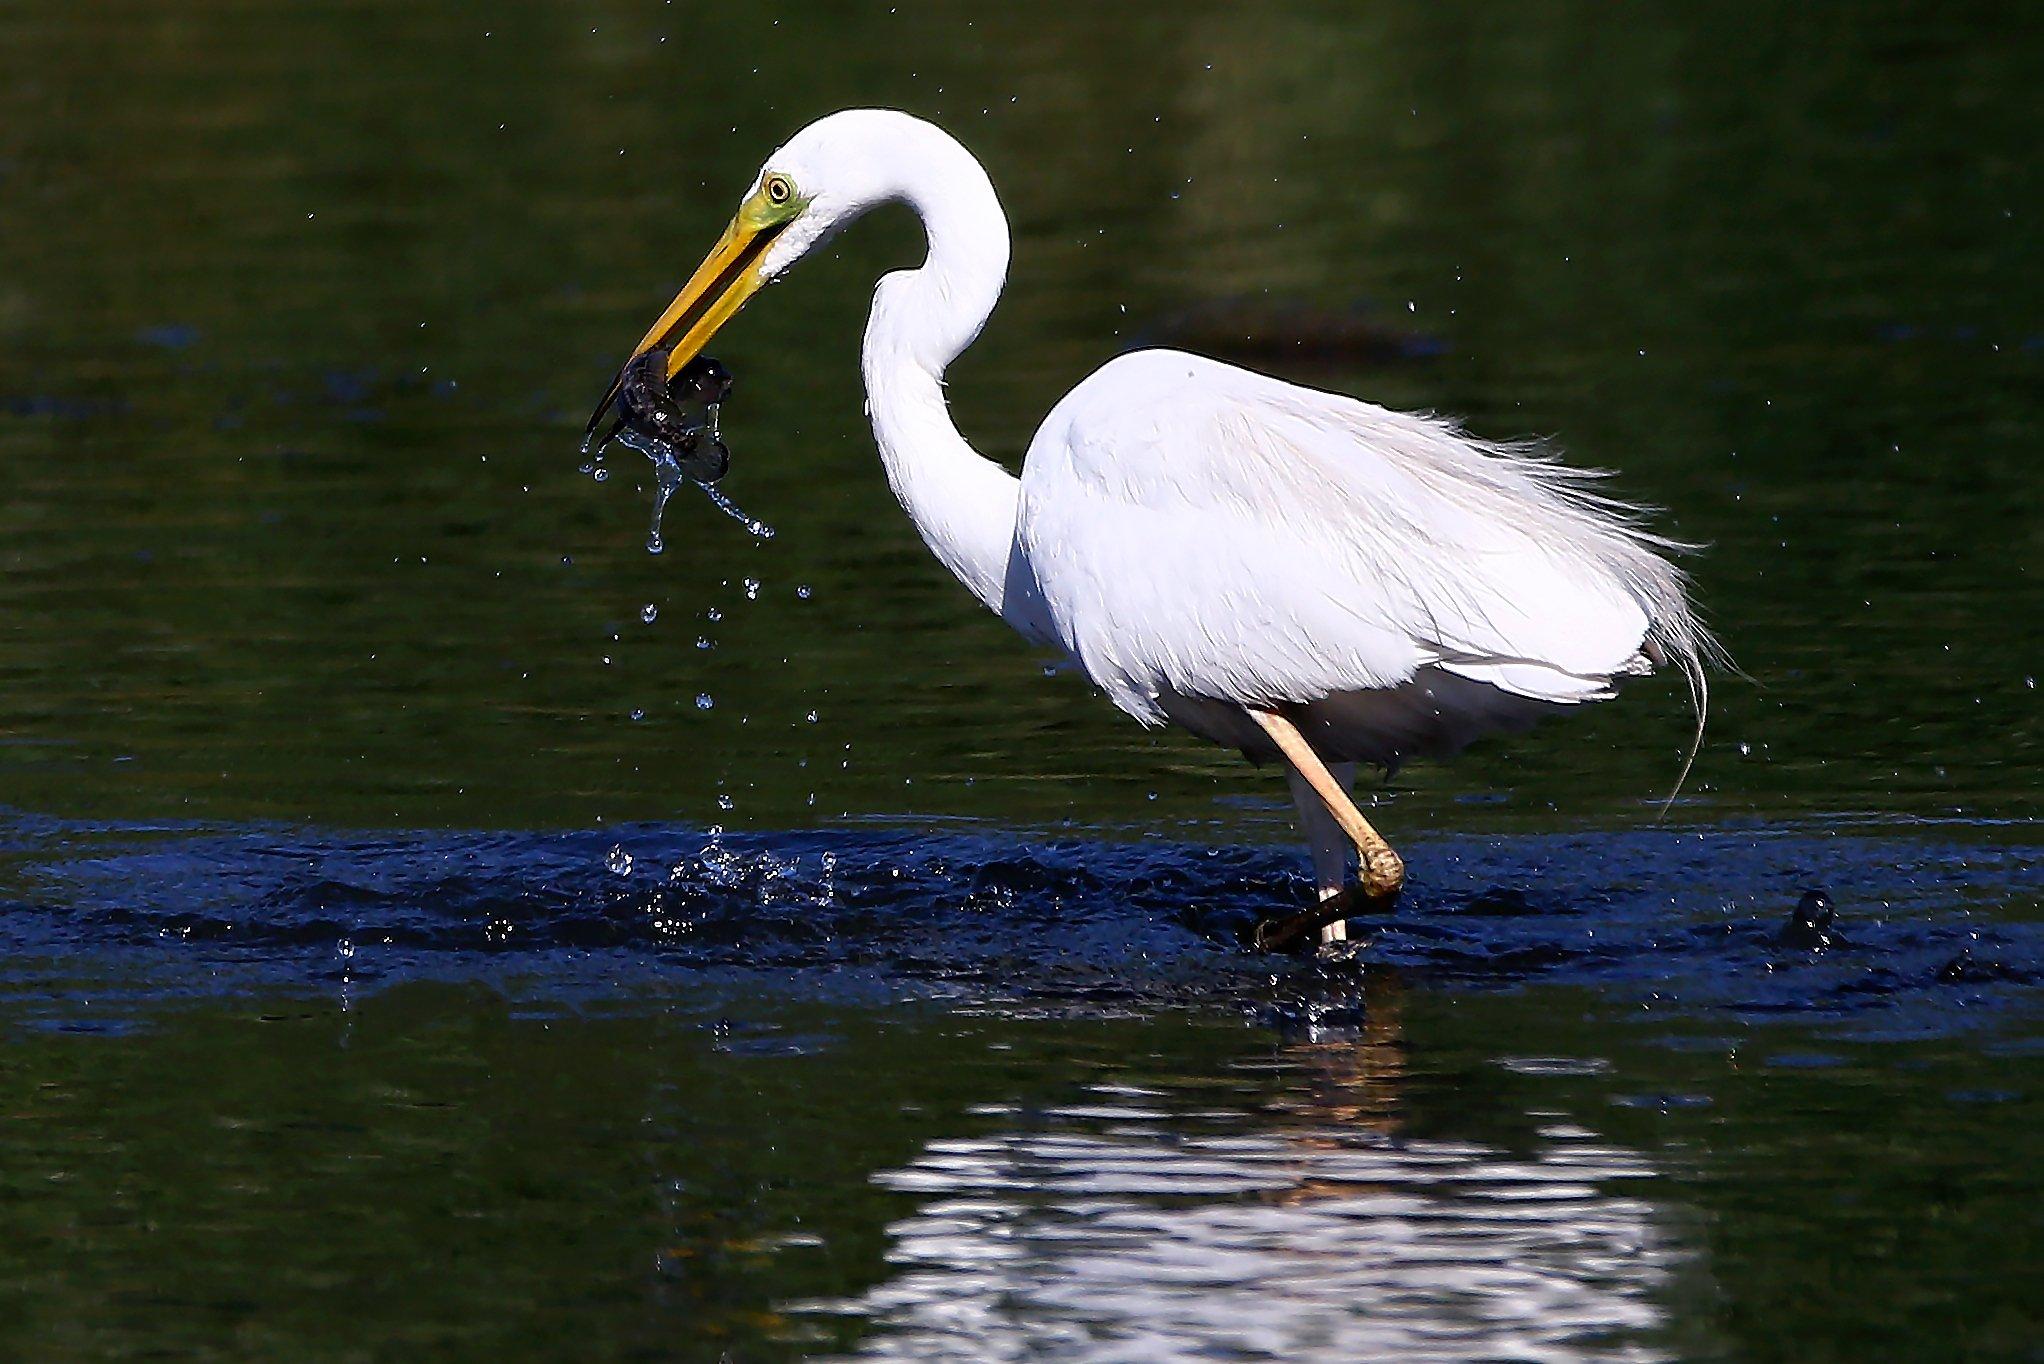 #birds, #fauna, #nature, #wildlife, #птицы, #цапля, Константин Слободчук